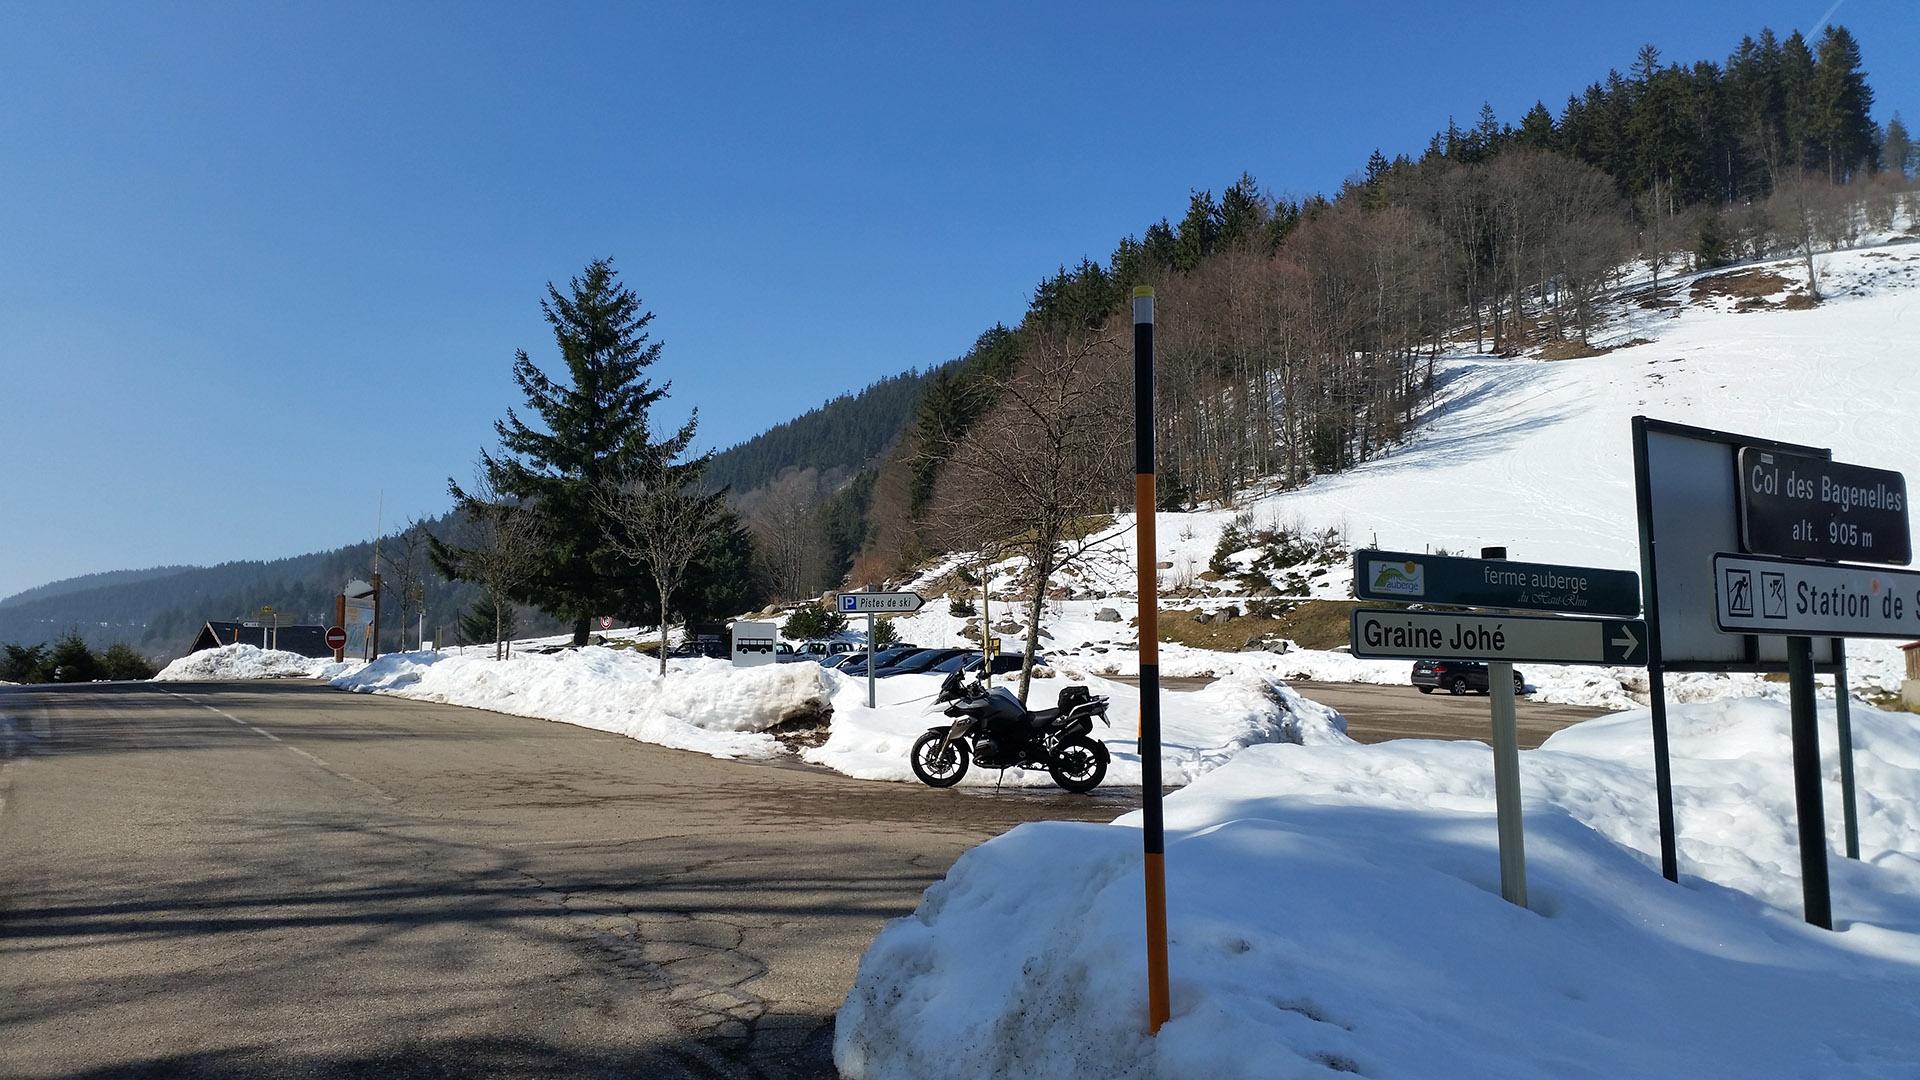 0905 - F - Col des Bagenelles